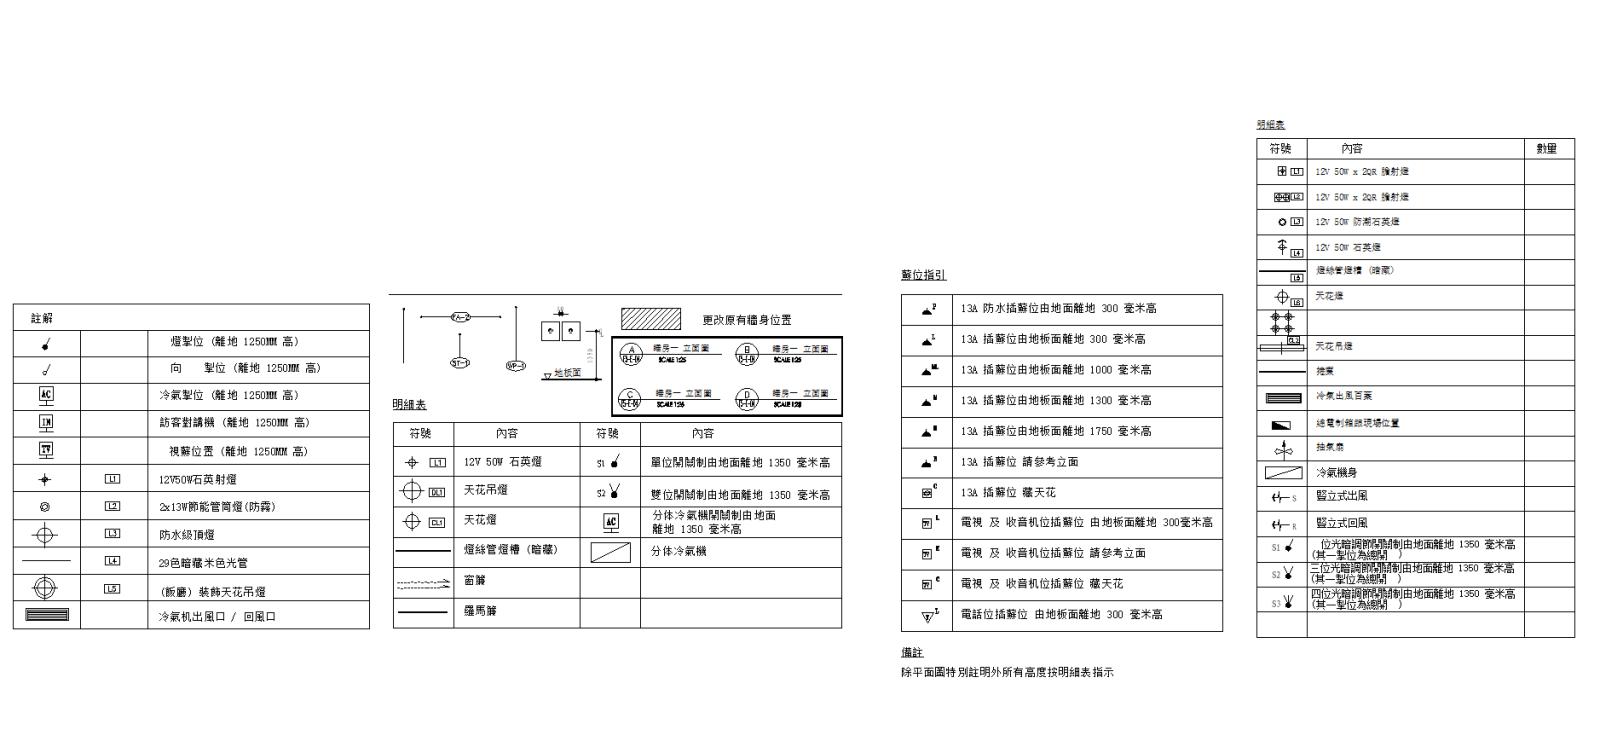 平立面家具图库施工图下载【ID:258840120】